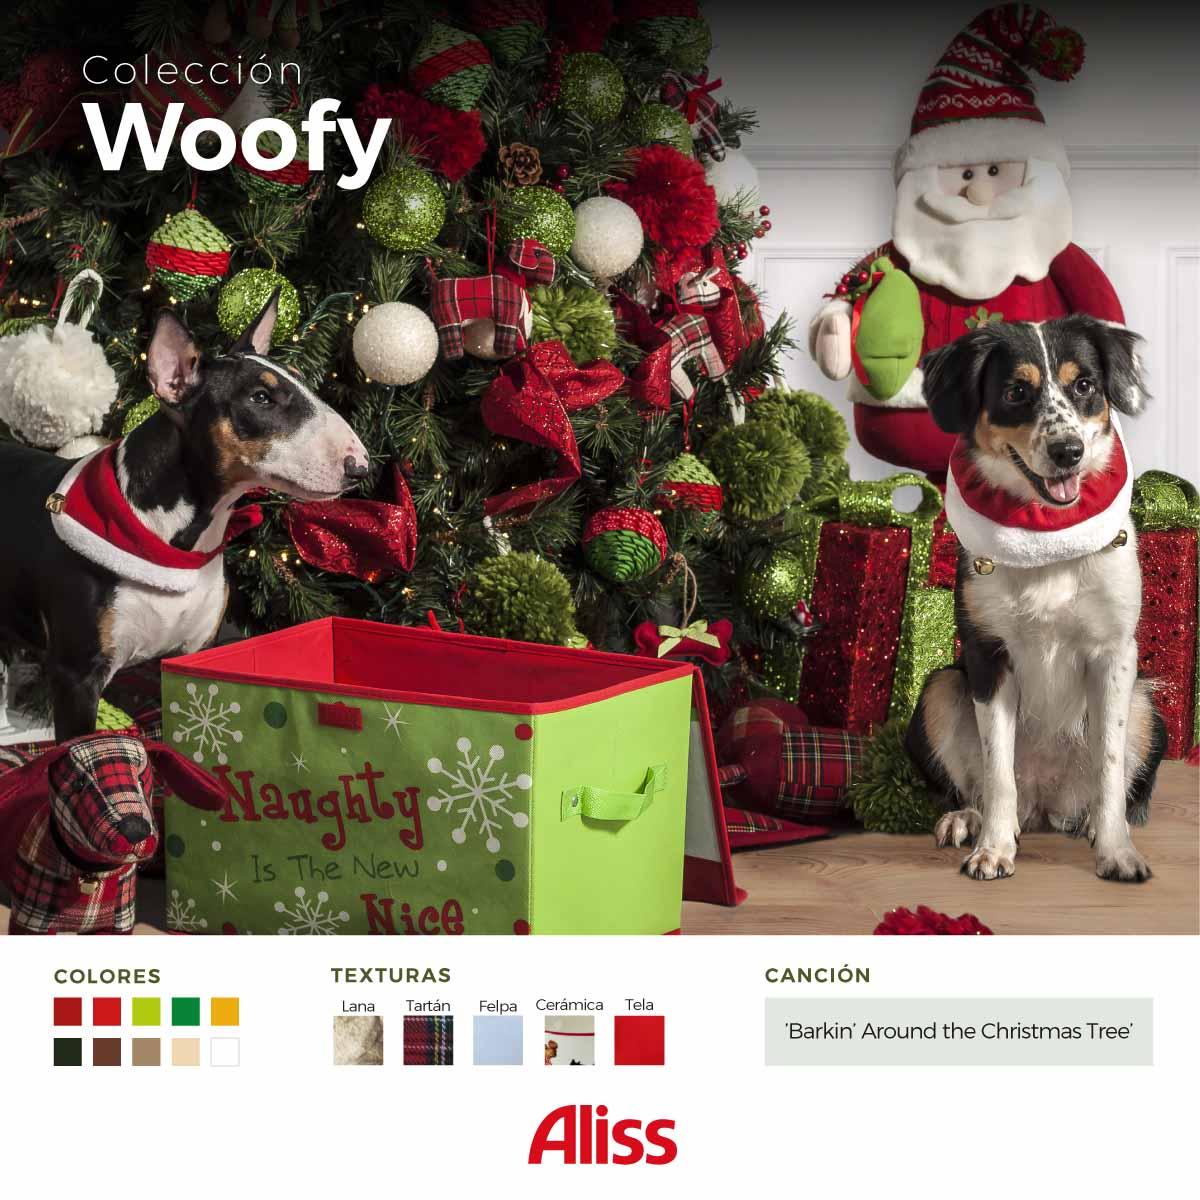 colección Woody.jpg